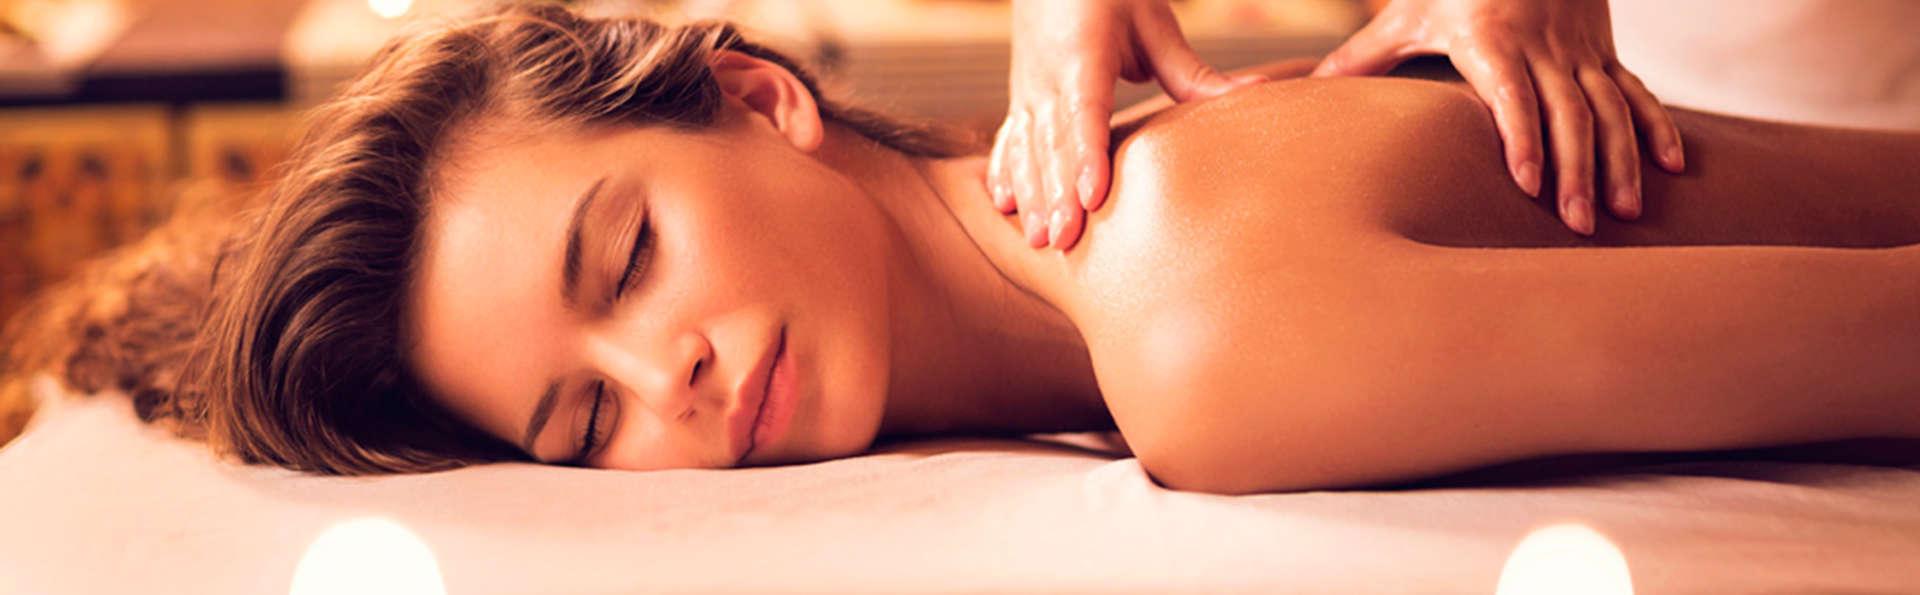 Profitez d'un massage en duo dans votre propre Suite